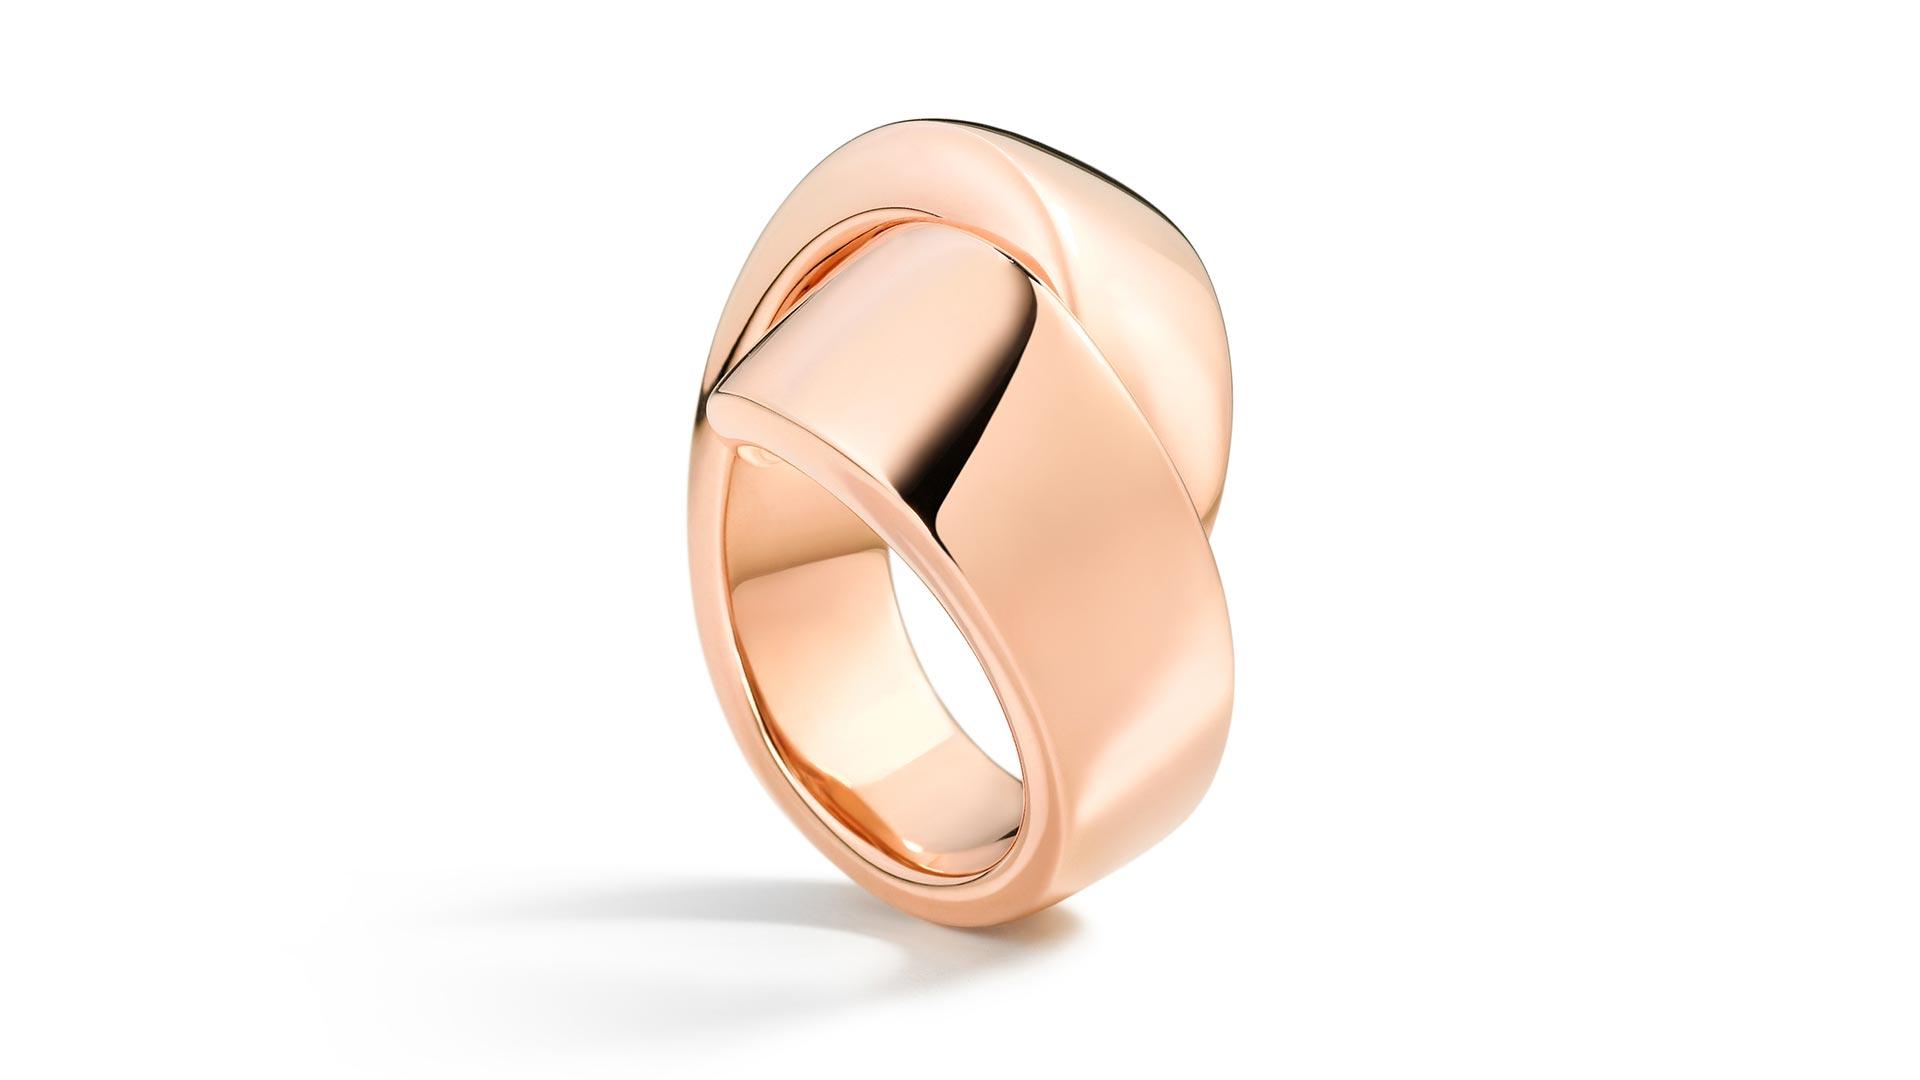 Abbraccio Midi ring